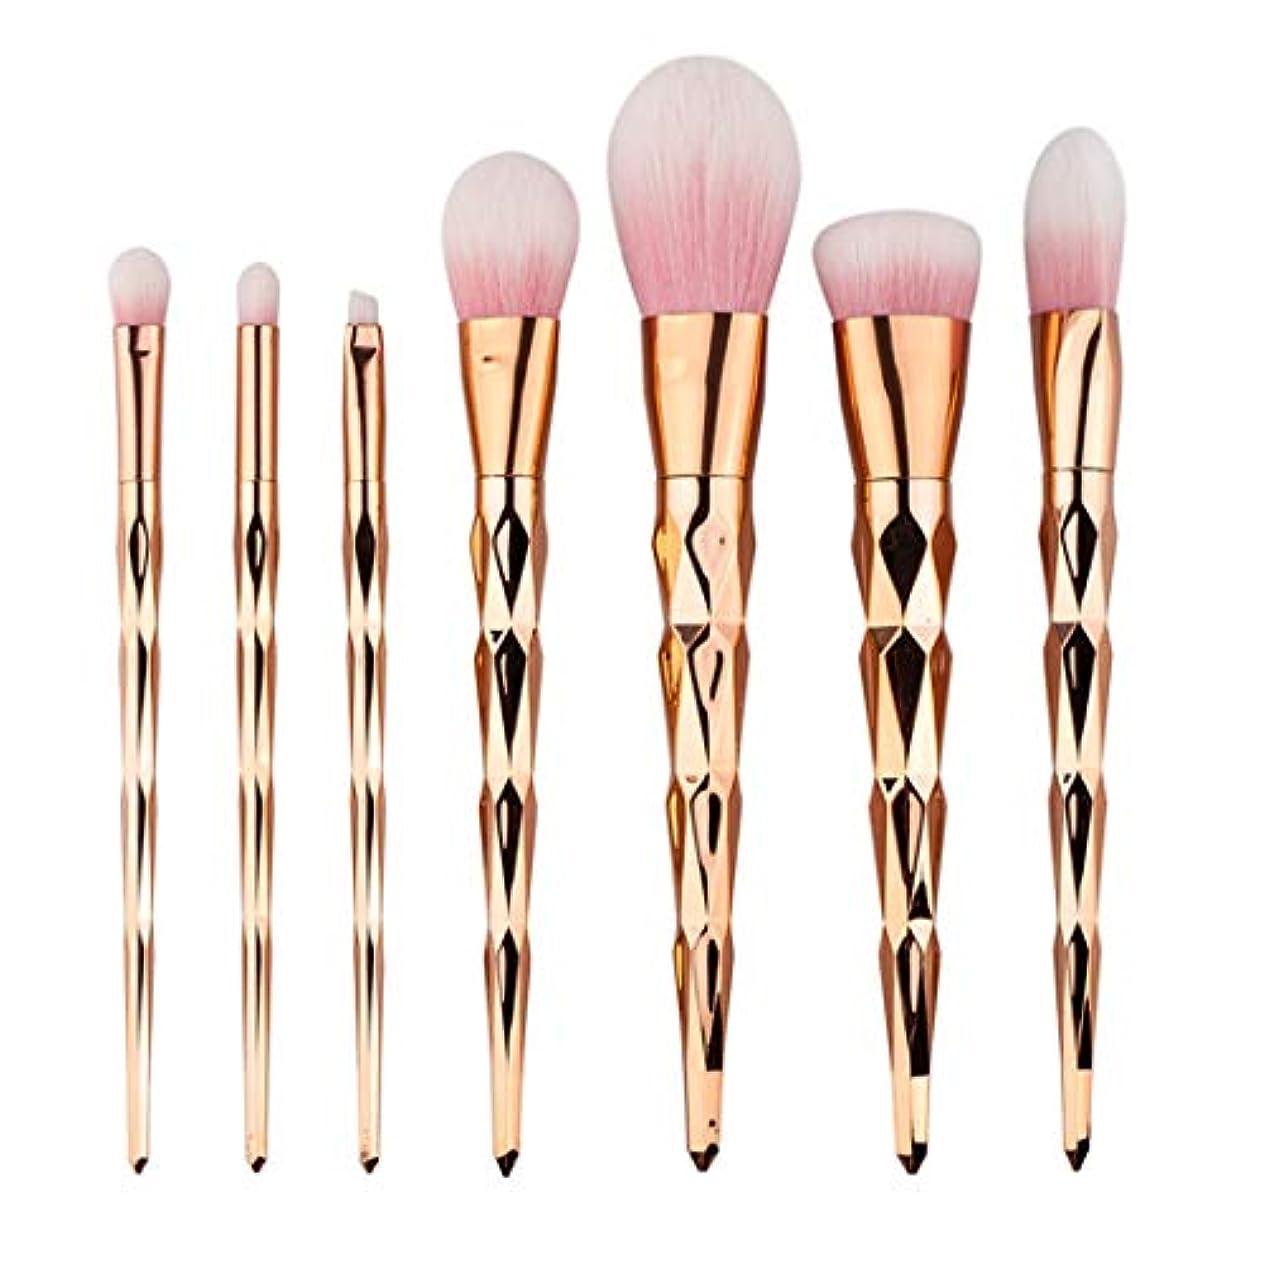 粘着性南方のドラムMakeup brushes 7ピースダイヤモンド化粧ブラシセットレインボーハンドルファンデーションパウダー赤面アイシャドウリップブラシフェイス美容メイクアップツールキット - ゴールド suits (Color : Gold)